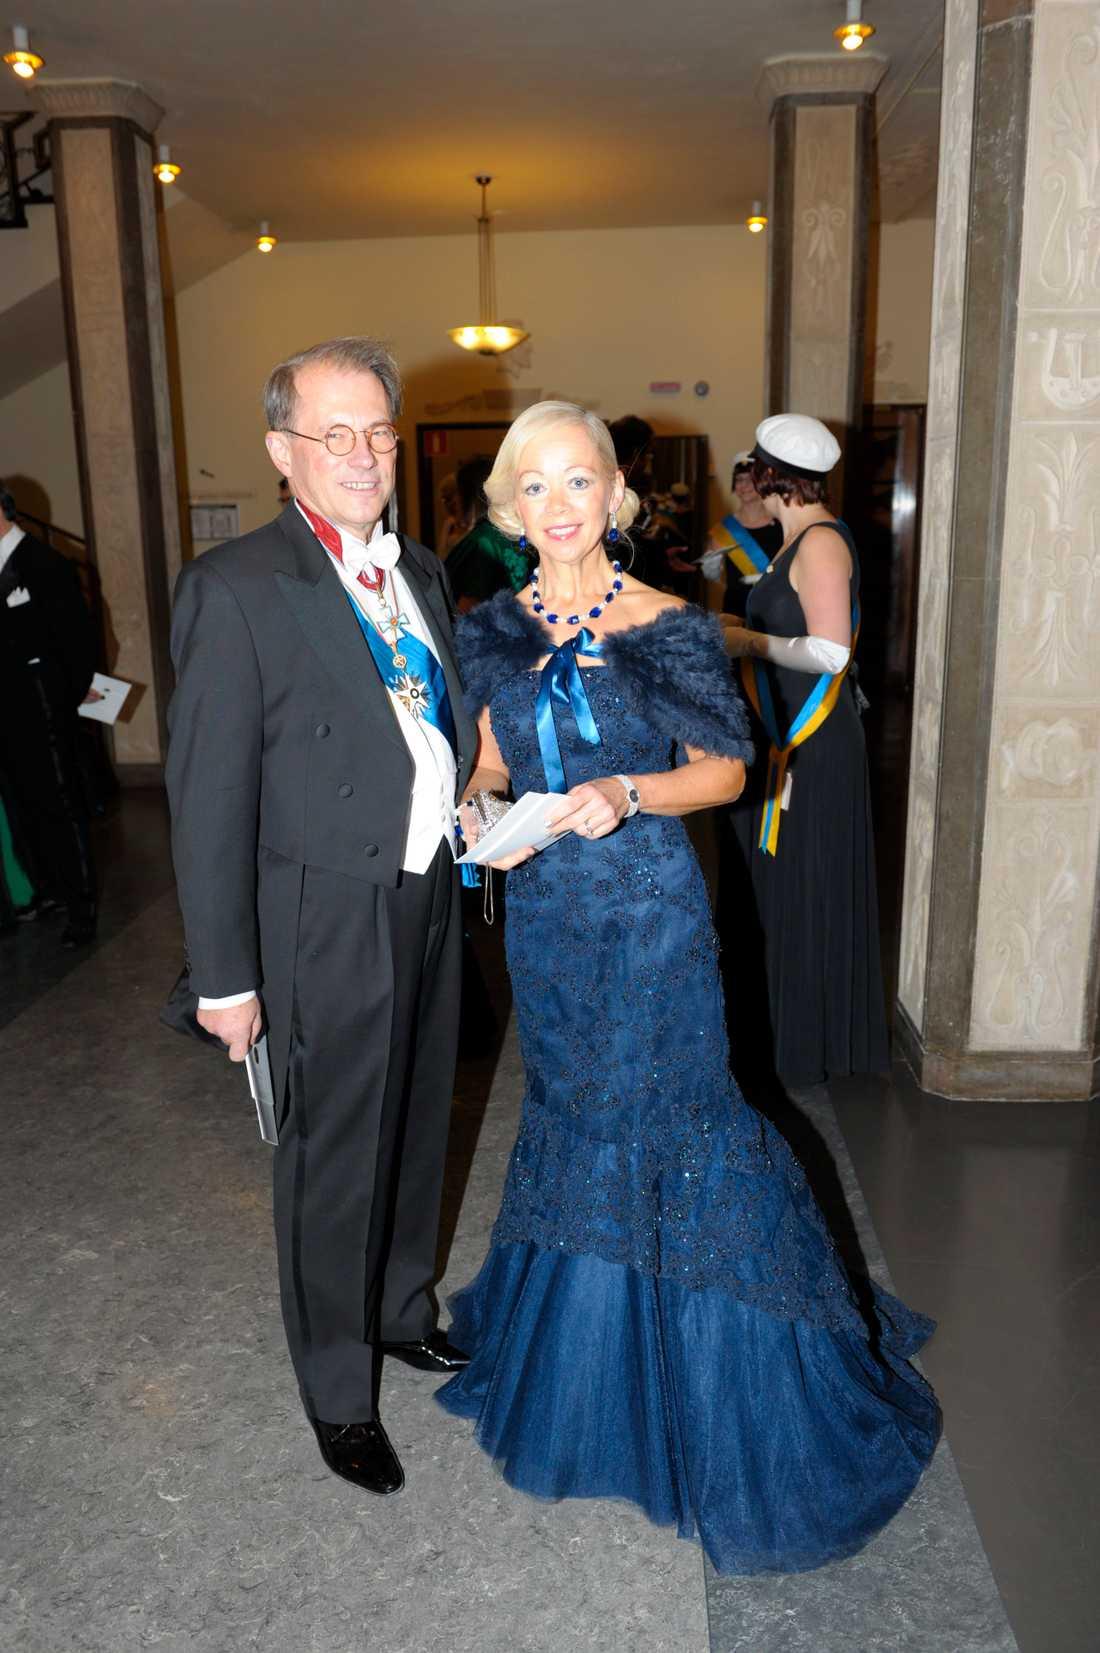 Ylwa Westerberg har även hon satsat på poppis-fägen blått. Den verkar vara axelbandslös och hon har matchat snyggt med halsbandet. Modellen klär henne!